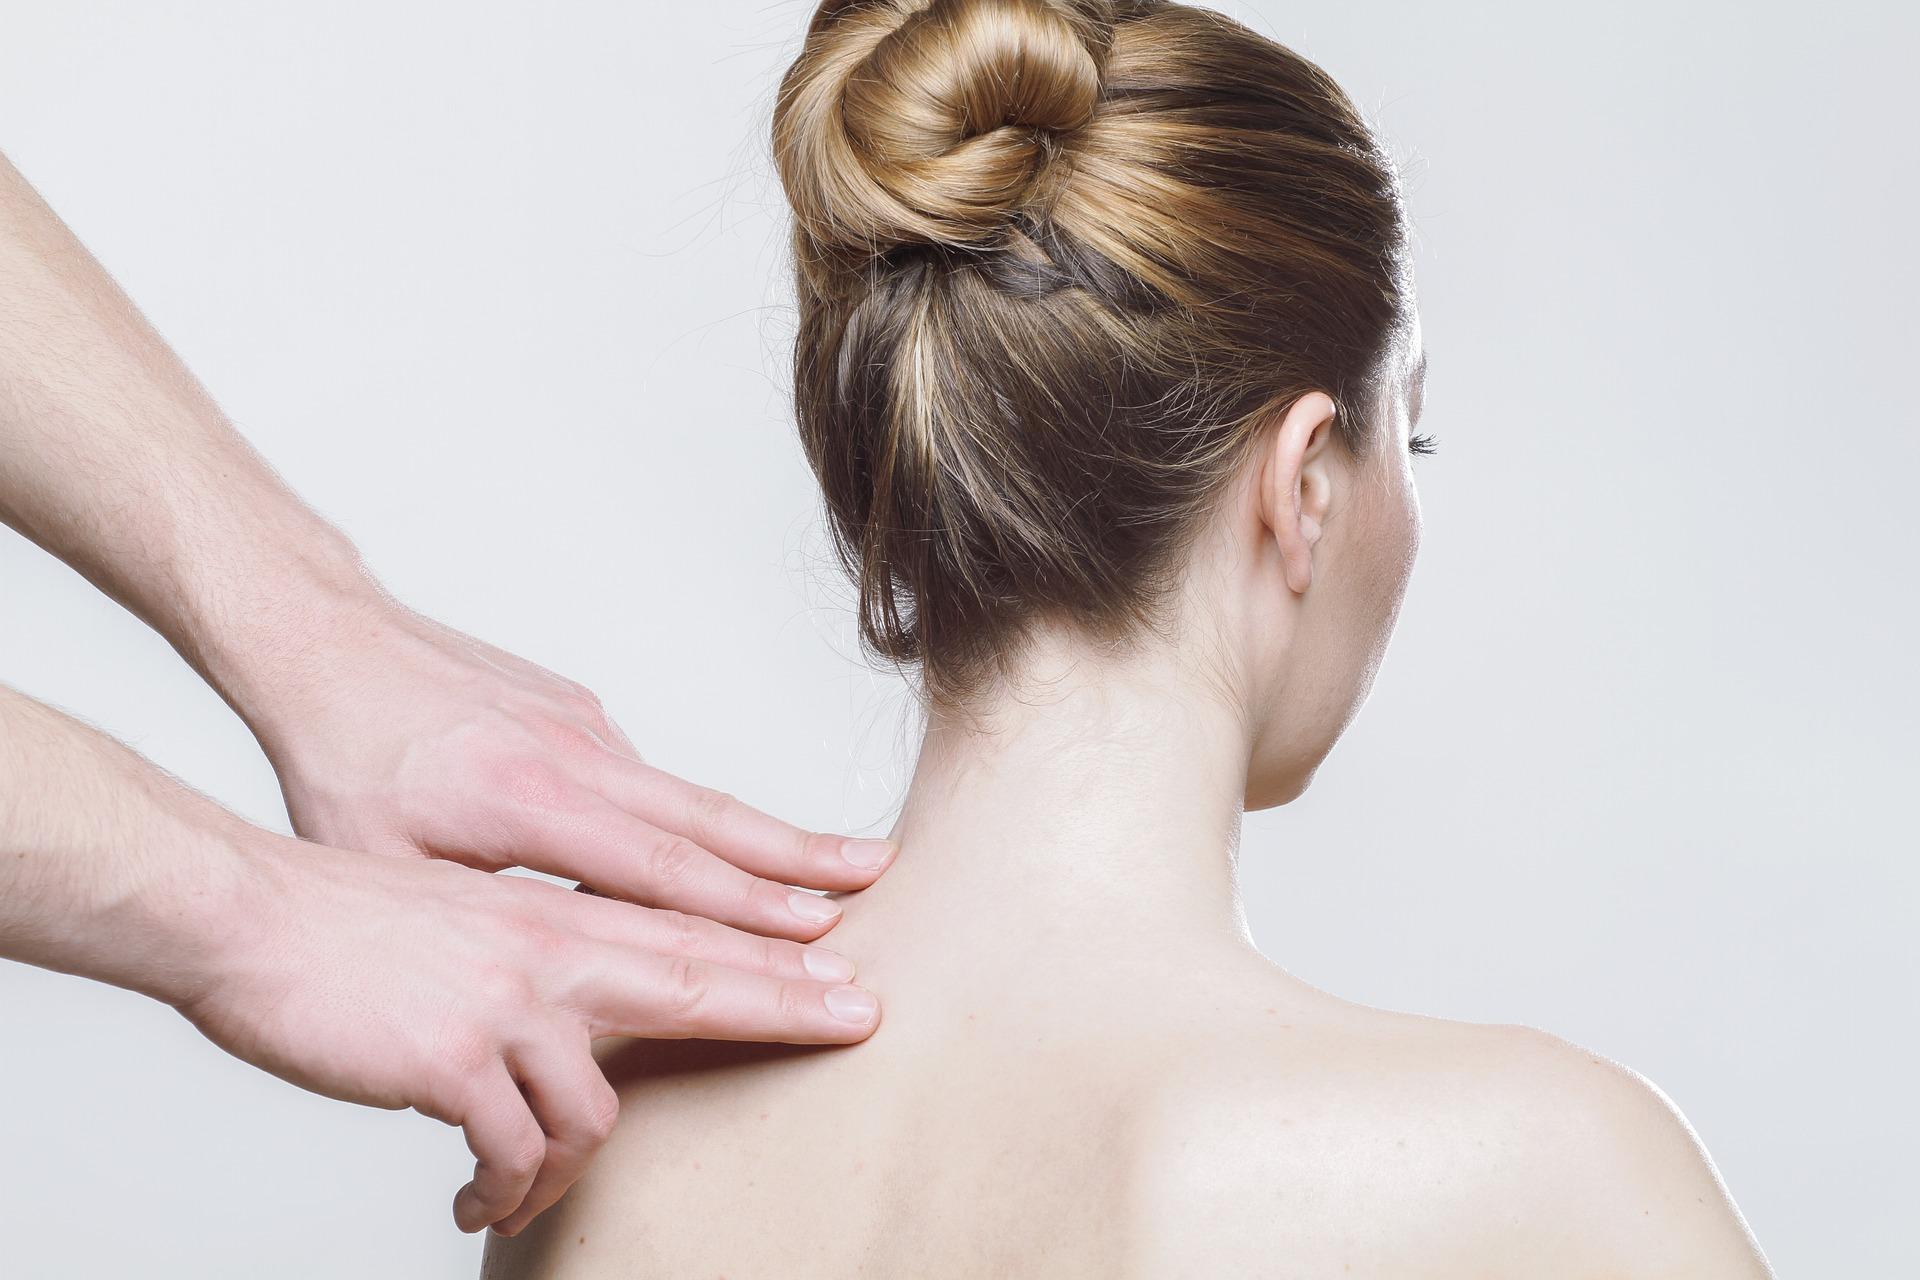 Hilfe bei Arthrose in der Schulter